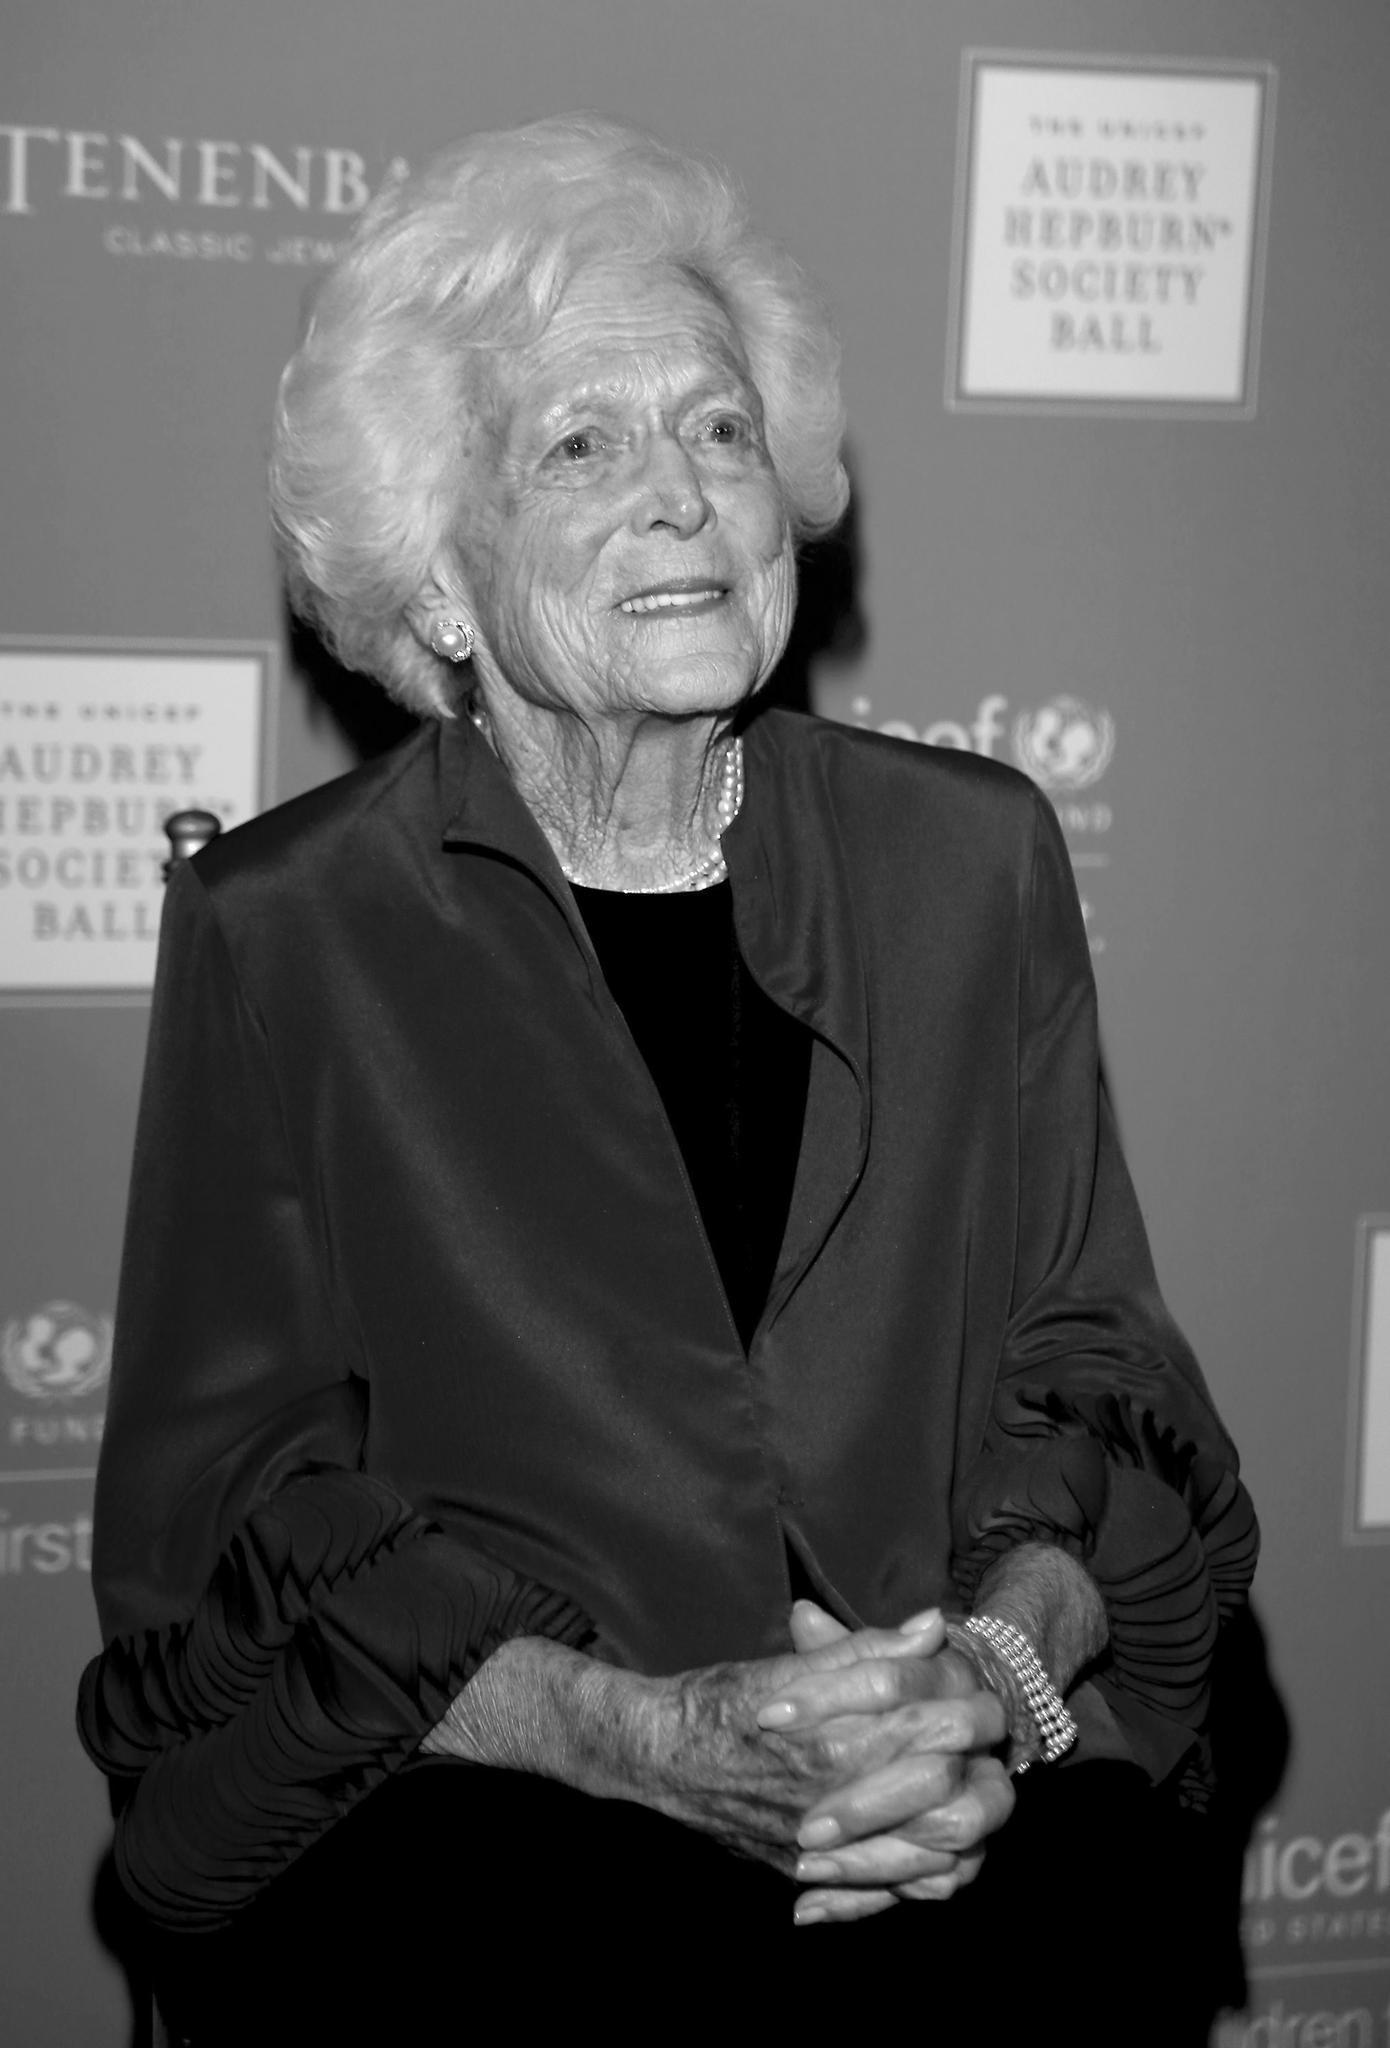 Barbara Bush, ehemalige First Lady und Ehefrau des Ex-US-Präsidenten George H. W. Bush, ist am 17. April verstorben. Die 92-Jährige litt an einem Lungenleiden.